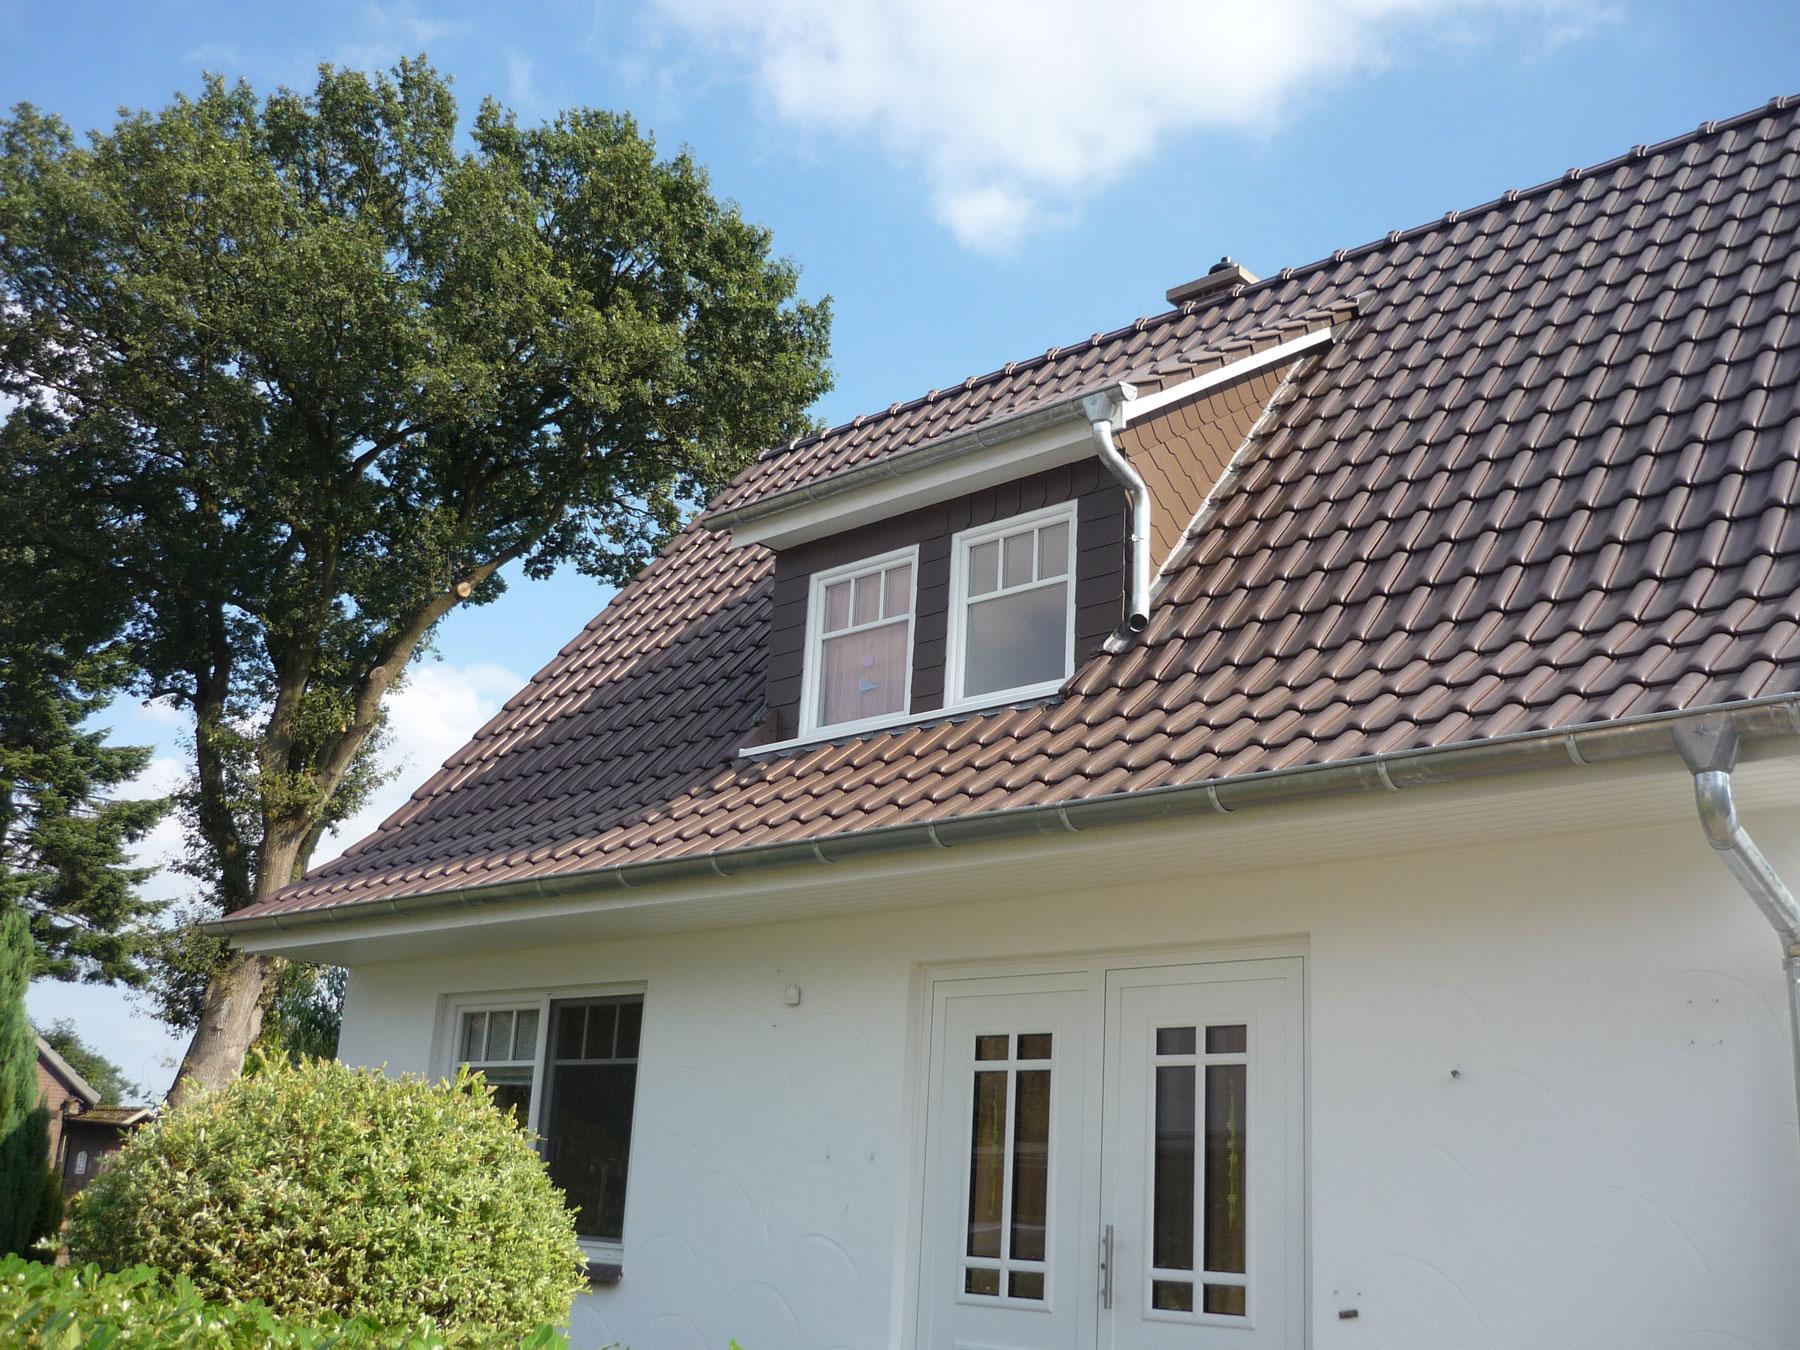 Einfamilienhaus mit neuem Dach | Dachdeckerei Spalek OHZ